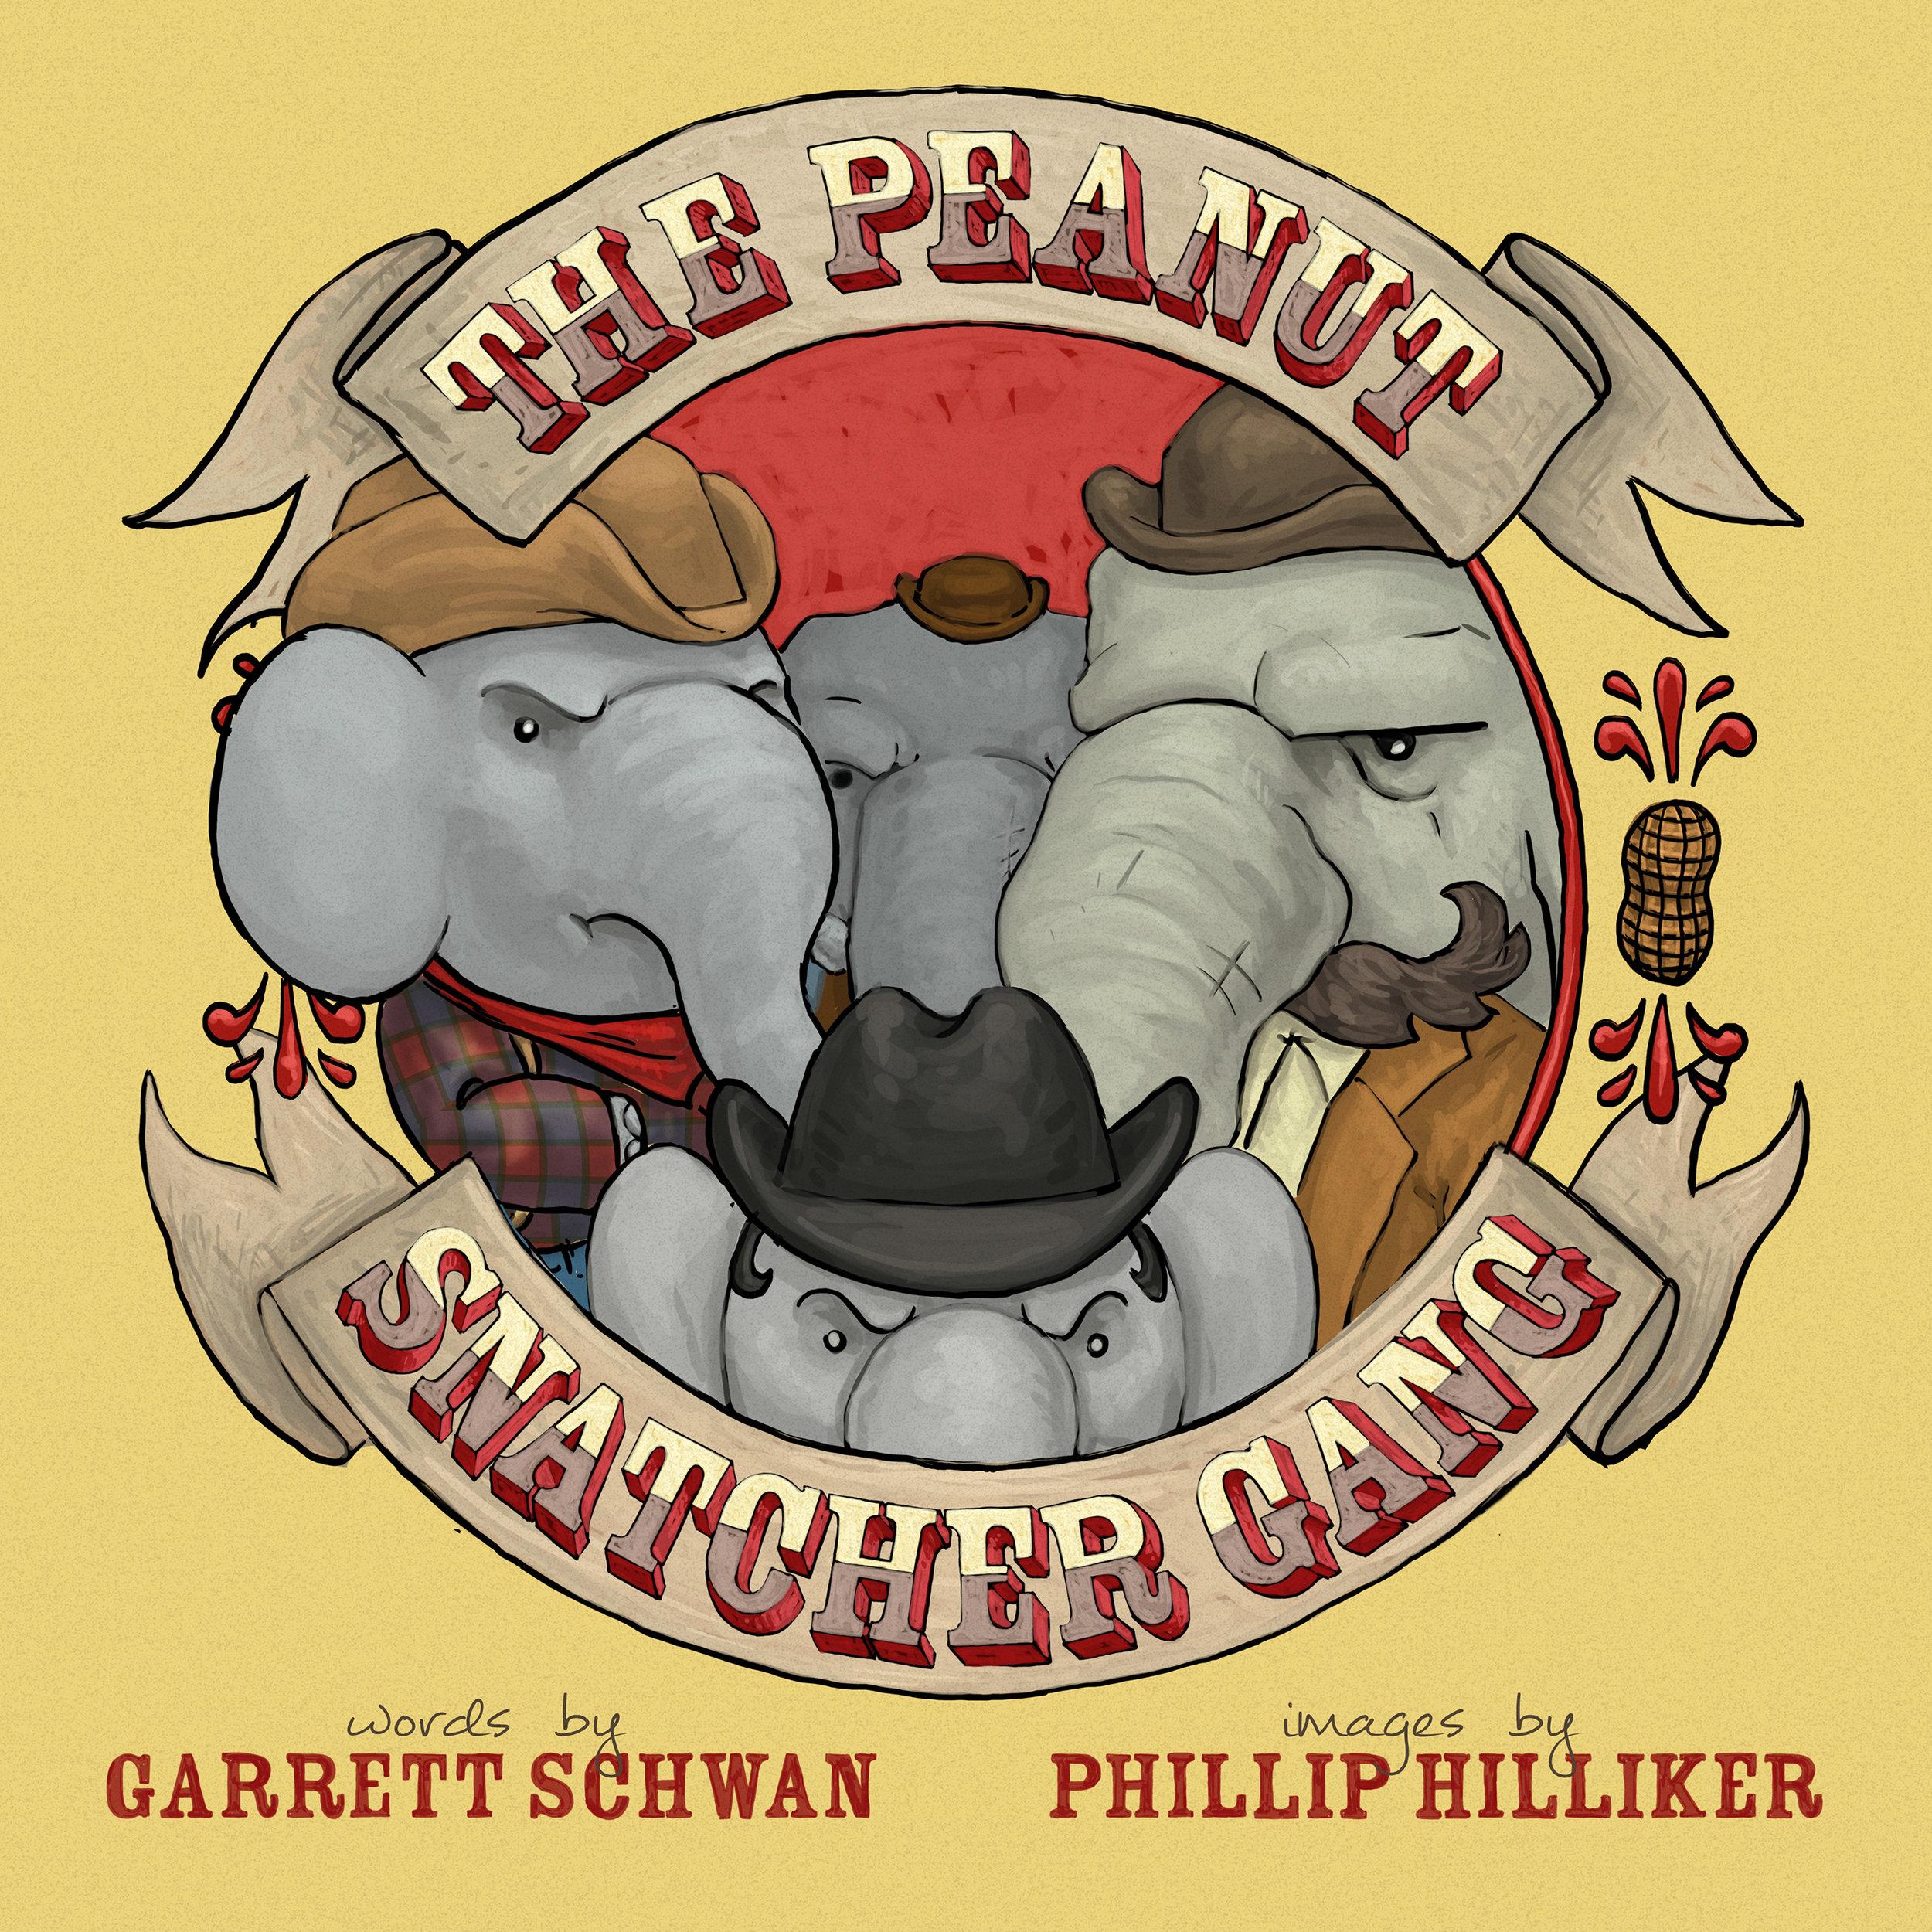 The Peanut Snatcher Gang / Garrett Schwan & Phillip Hilliker